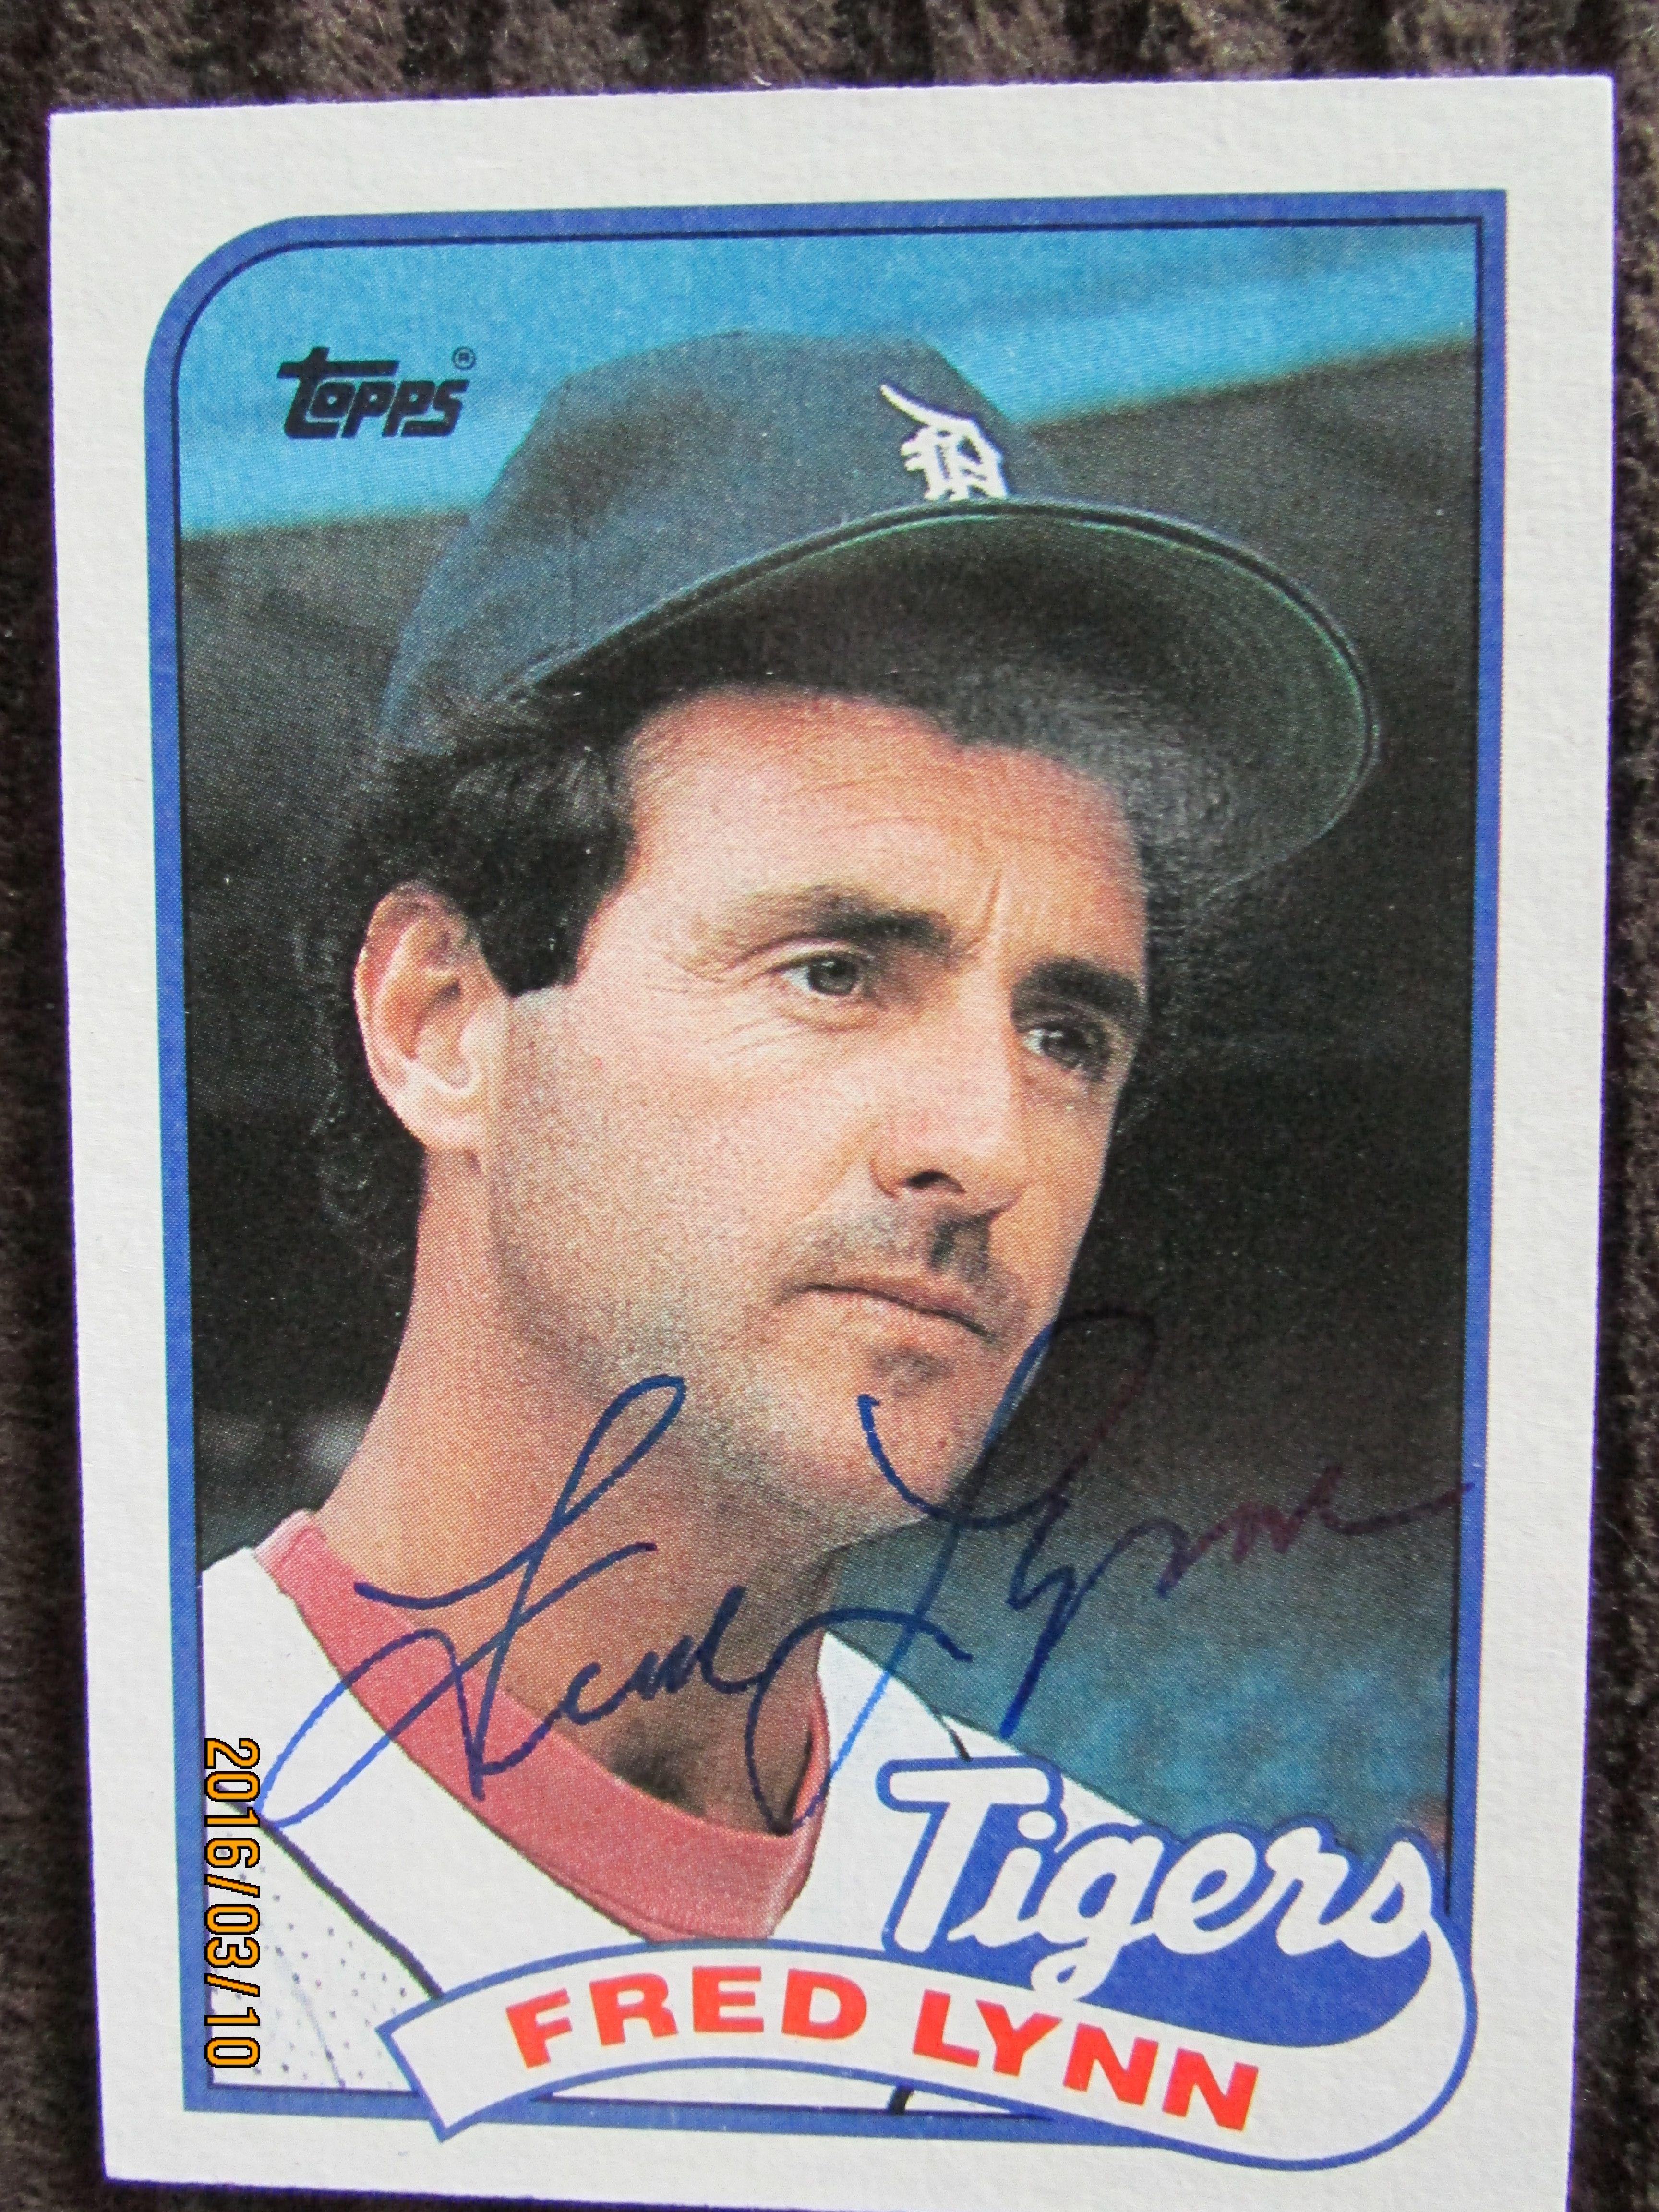 1989 Topps 416 Fred Lynn Ttm 1989 Topps Set Autographs